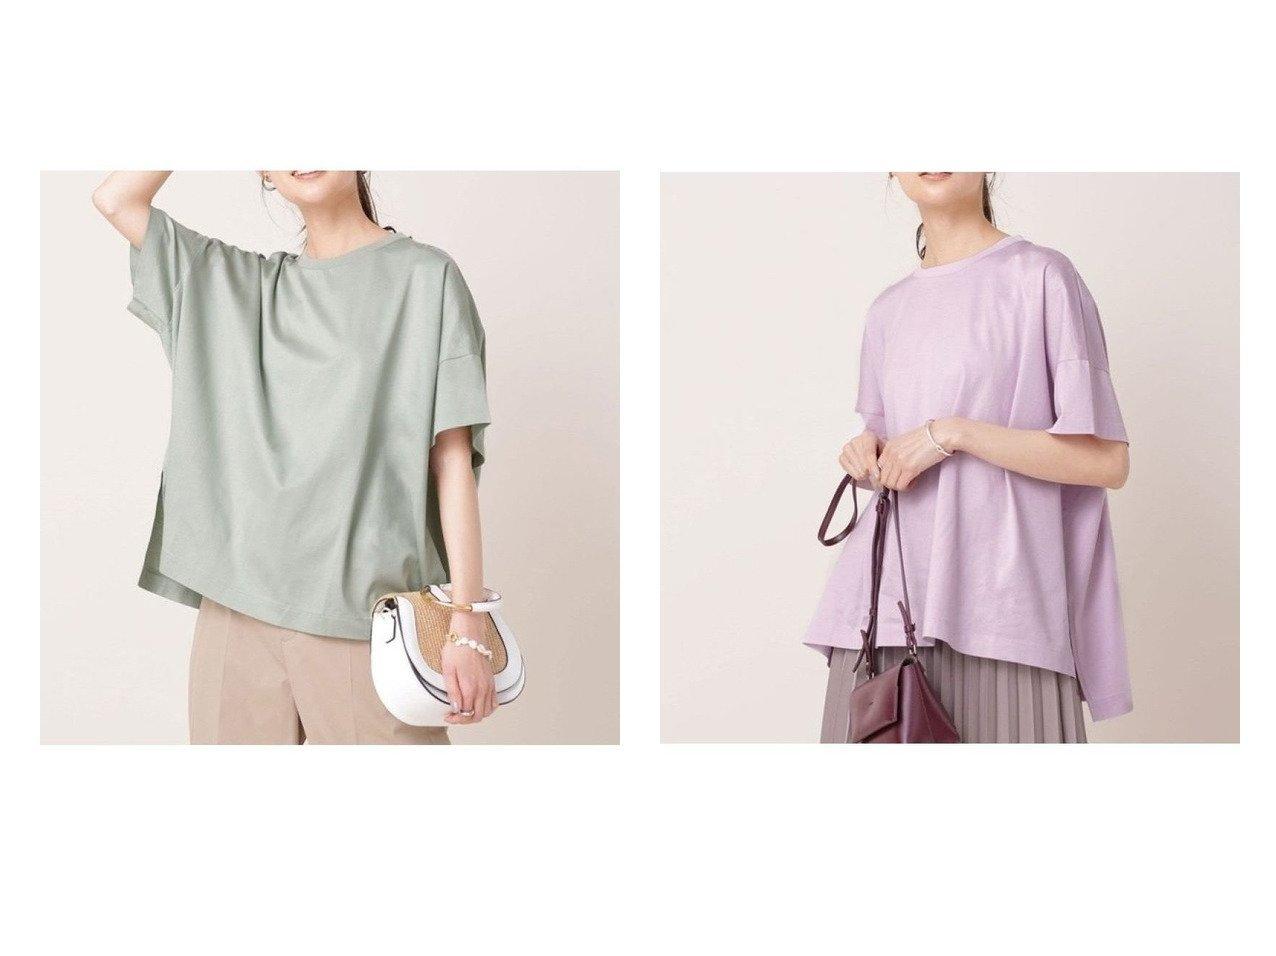 【nano universe/ナノ ユニバース】のビューティークチュール 防汚 オーバーTシャツ 半袖 【トップス・カットソー】おすすめ!人気、トレンド・レディースファッションの通販 おすすめで人気の流行・トレンド、ファッションの通販商品 メンズファッション・キッズファッション・インテリア・家具・レディースファッション・服の通販 founy(ファニー) https://founy.com/ ファッション Fashion レディースファッション WOMEN トップス・カットソー Tops/Tshirt シャツ/ブラウス Shirts/Blouses ロング / Tシャツ T-Shirts カットソー Cut and Sewn カットソー シルケット センター デニム ノースリーブ 長袖 バランス パターン フォルム ベーシック ボトム 半袖 ラウンド リラックス ワイド NEW・新作・新着・新入荷 New Arrivals おすすめ Recommend |ID:crp329100000035641